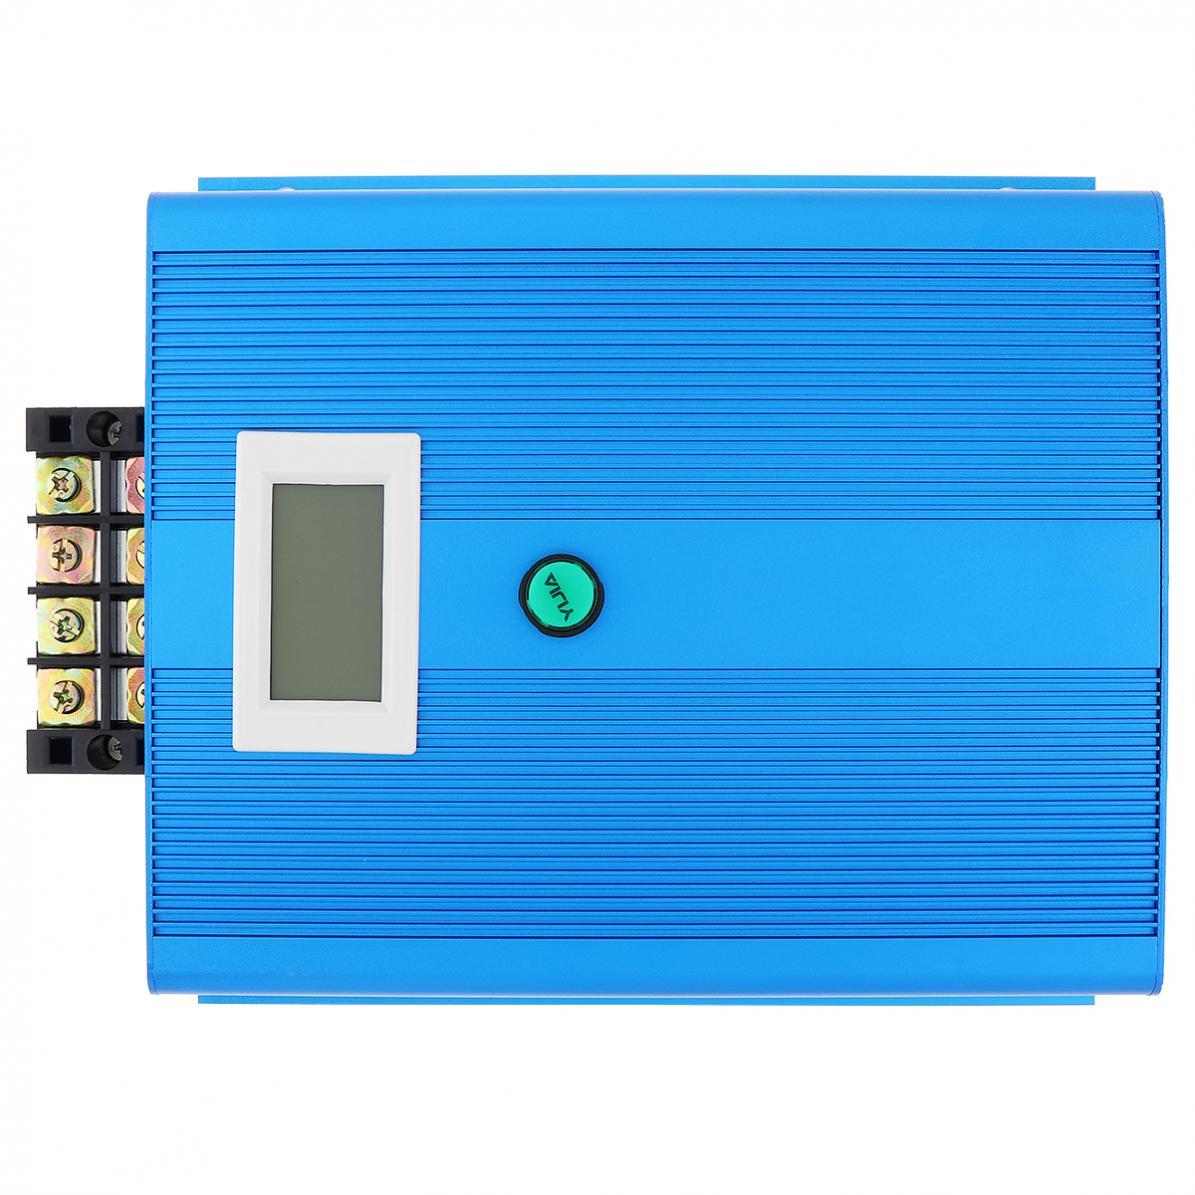 Industurial Dispositivo di Risparmio di Elettricità con Indicatore Led Intelligente di Energia Elettrica Bill Killer Fino a 30% per Il Ristorante di Fabbrica - 5